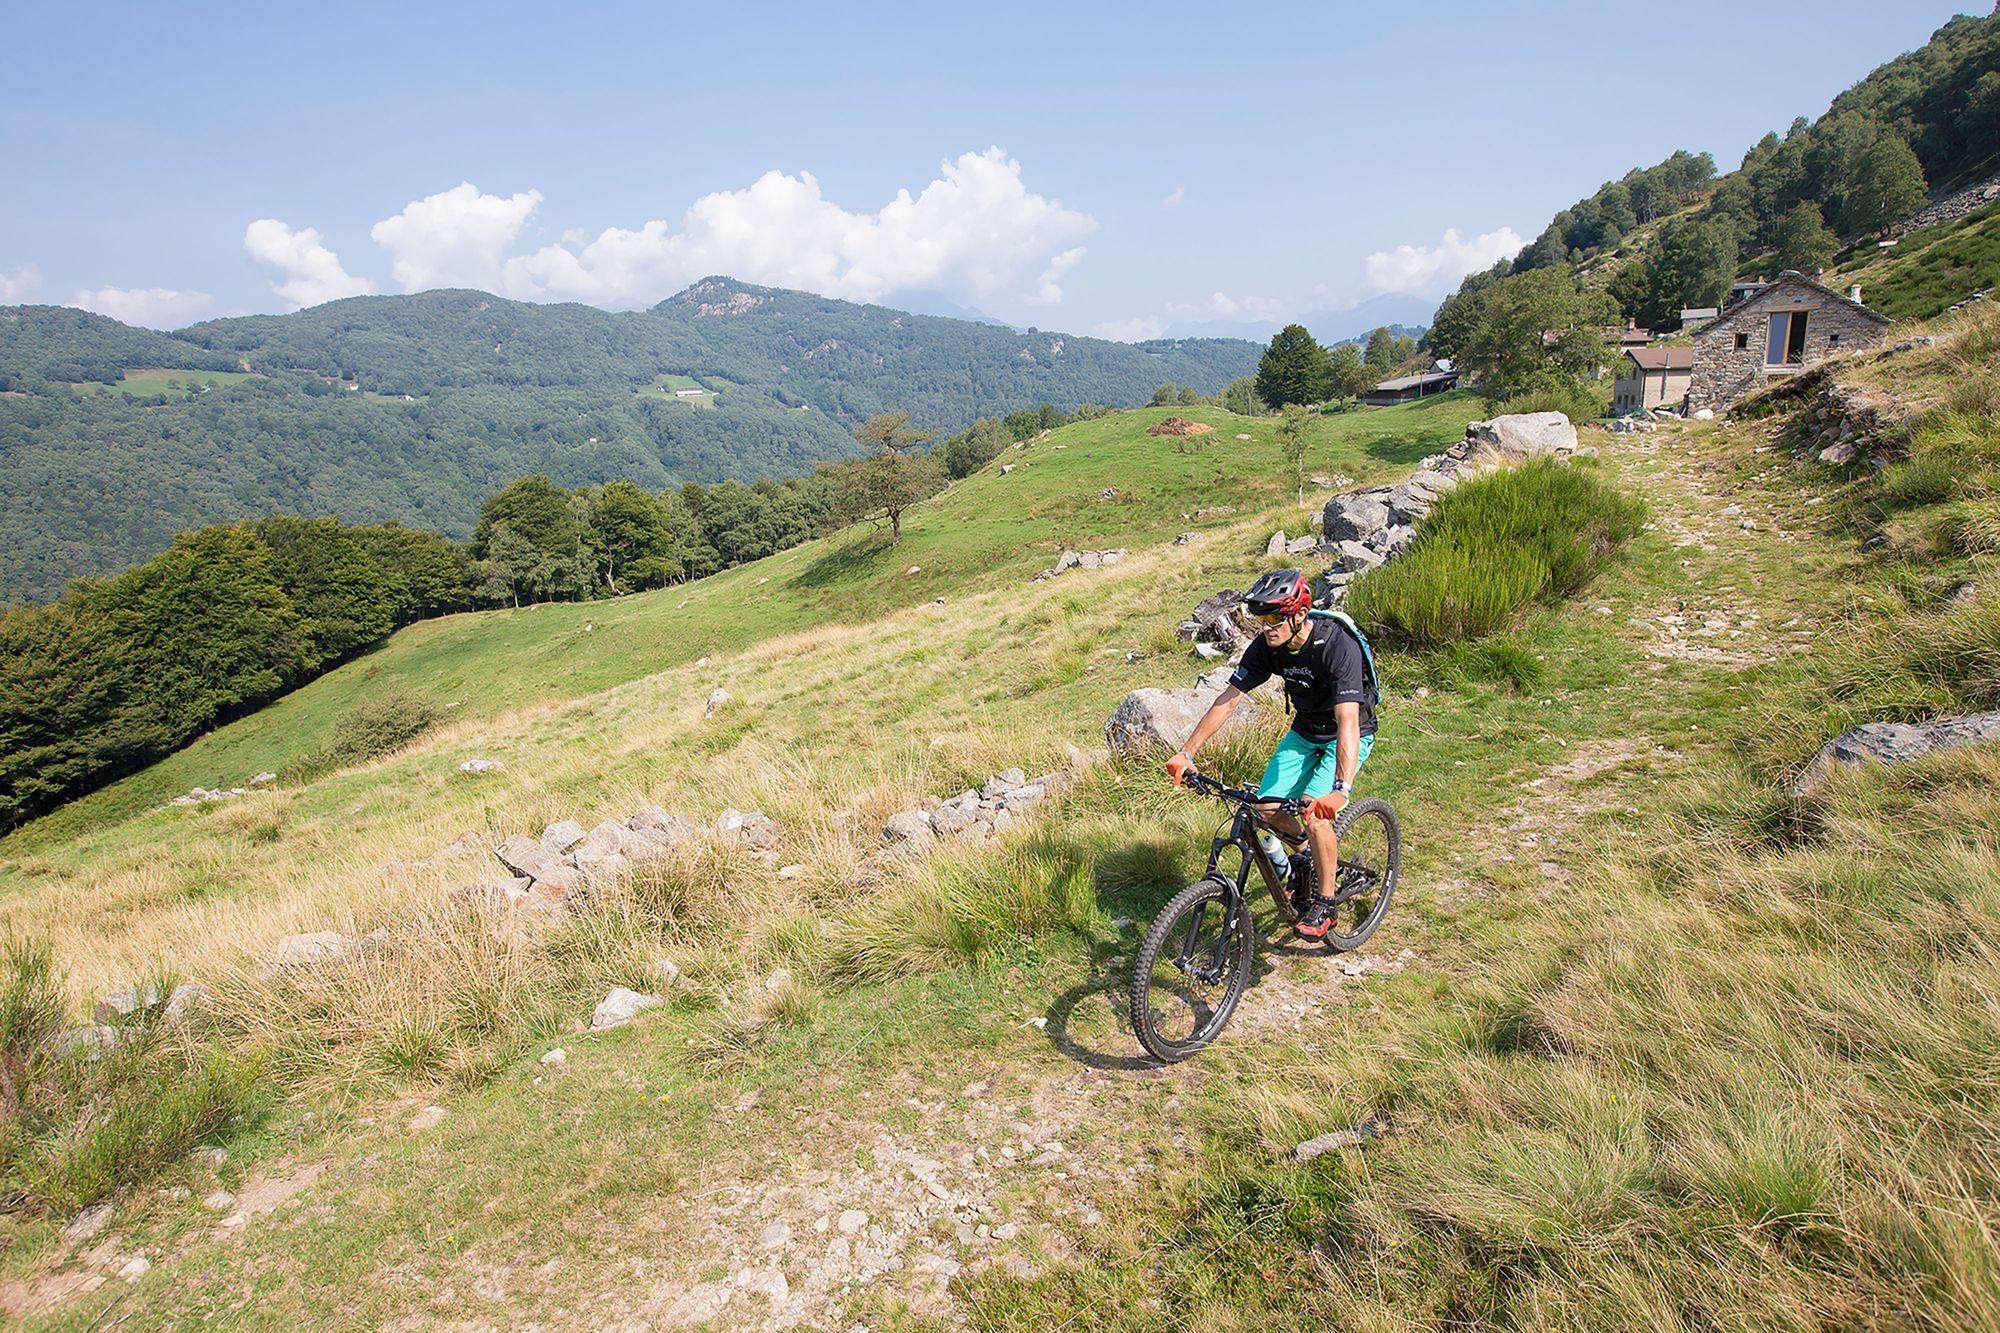 Ab ins Tessin Die besten Biketouren am Luganersee